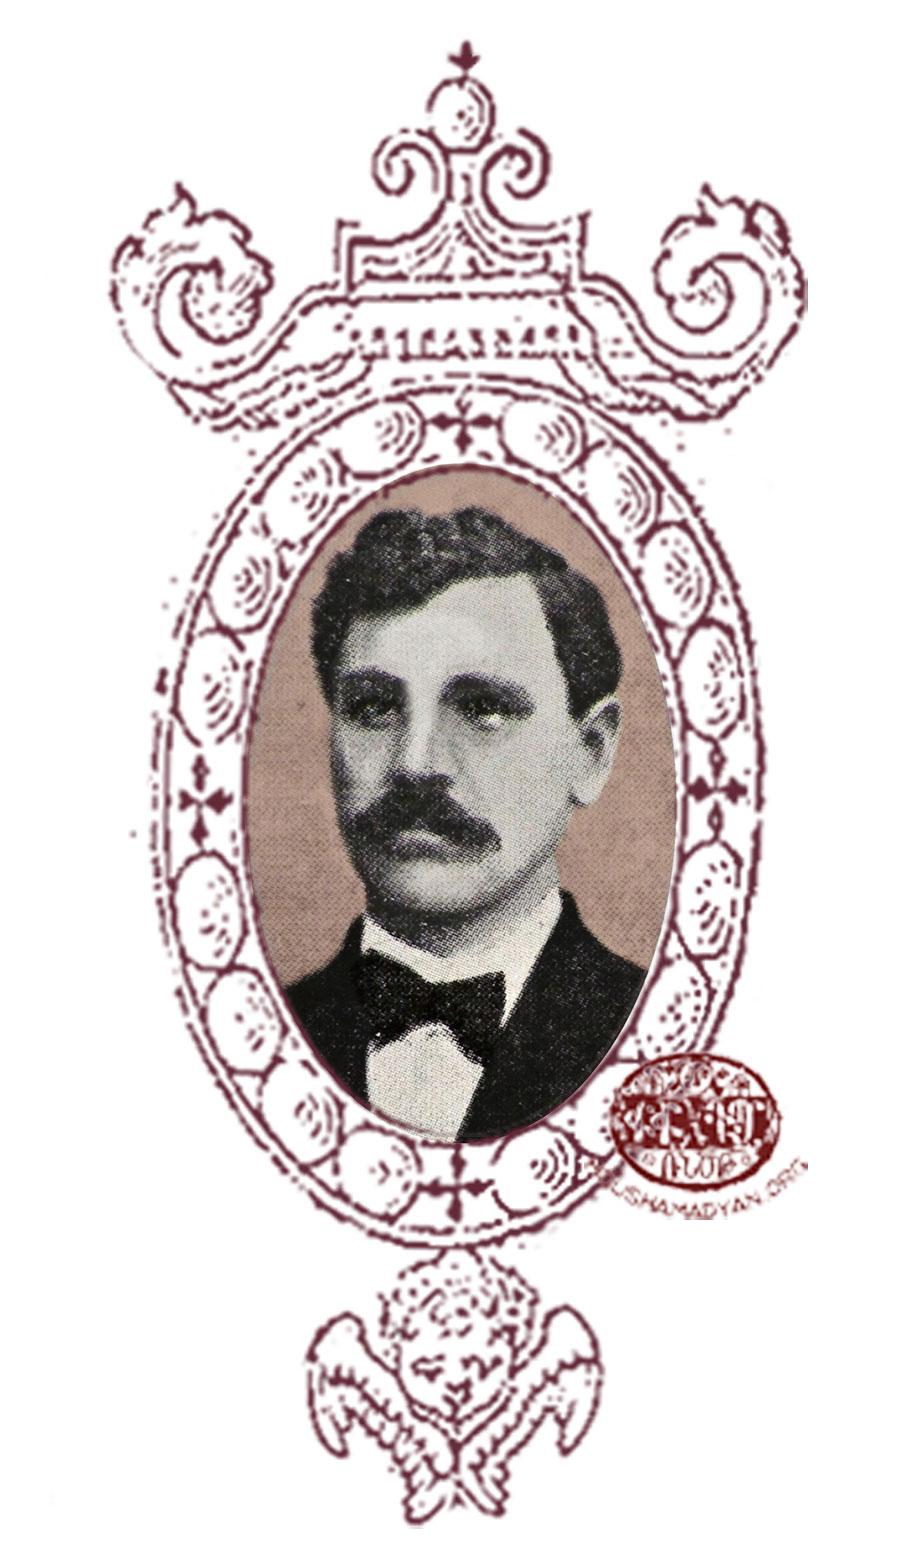 Ernest Riggs